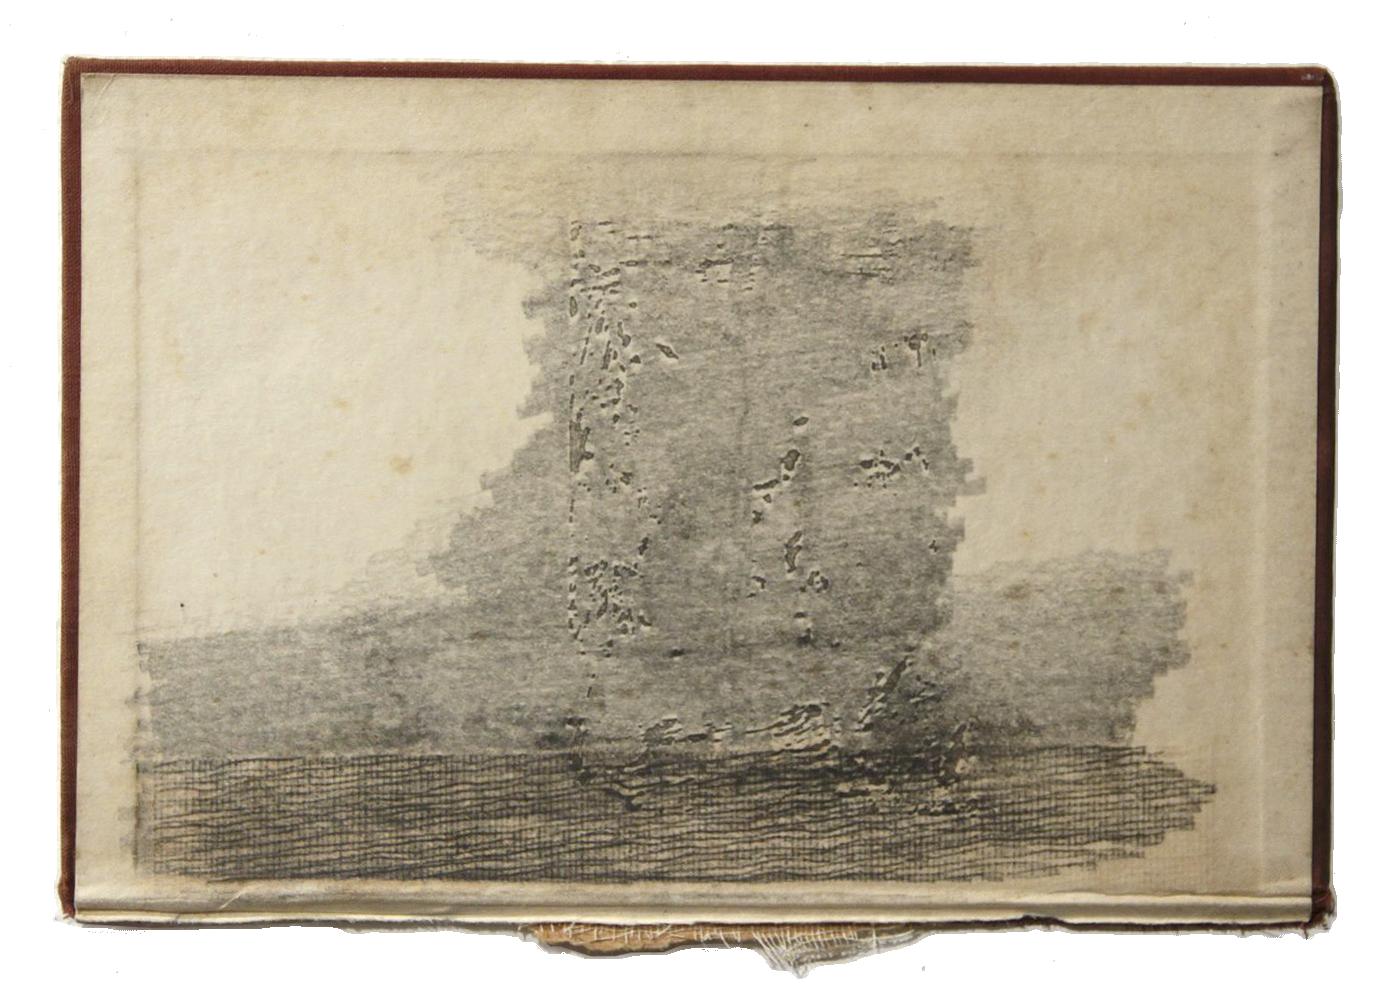 LG_Mateo Zúñiga_LG_ 22 x 14,5 cm_Grafito sobre tapa de libro_2014.png